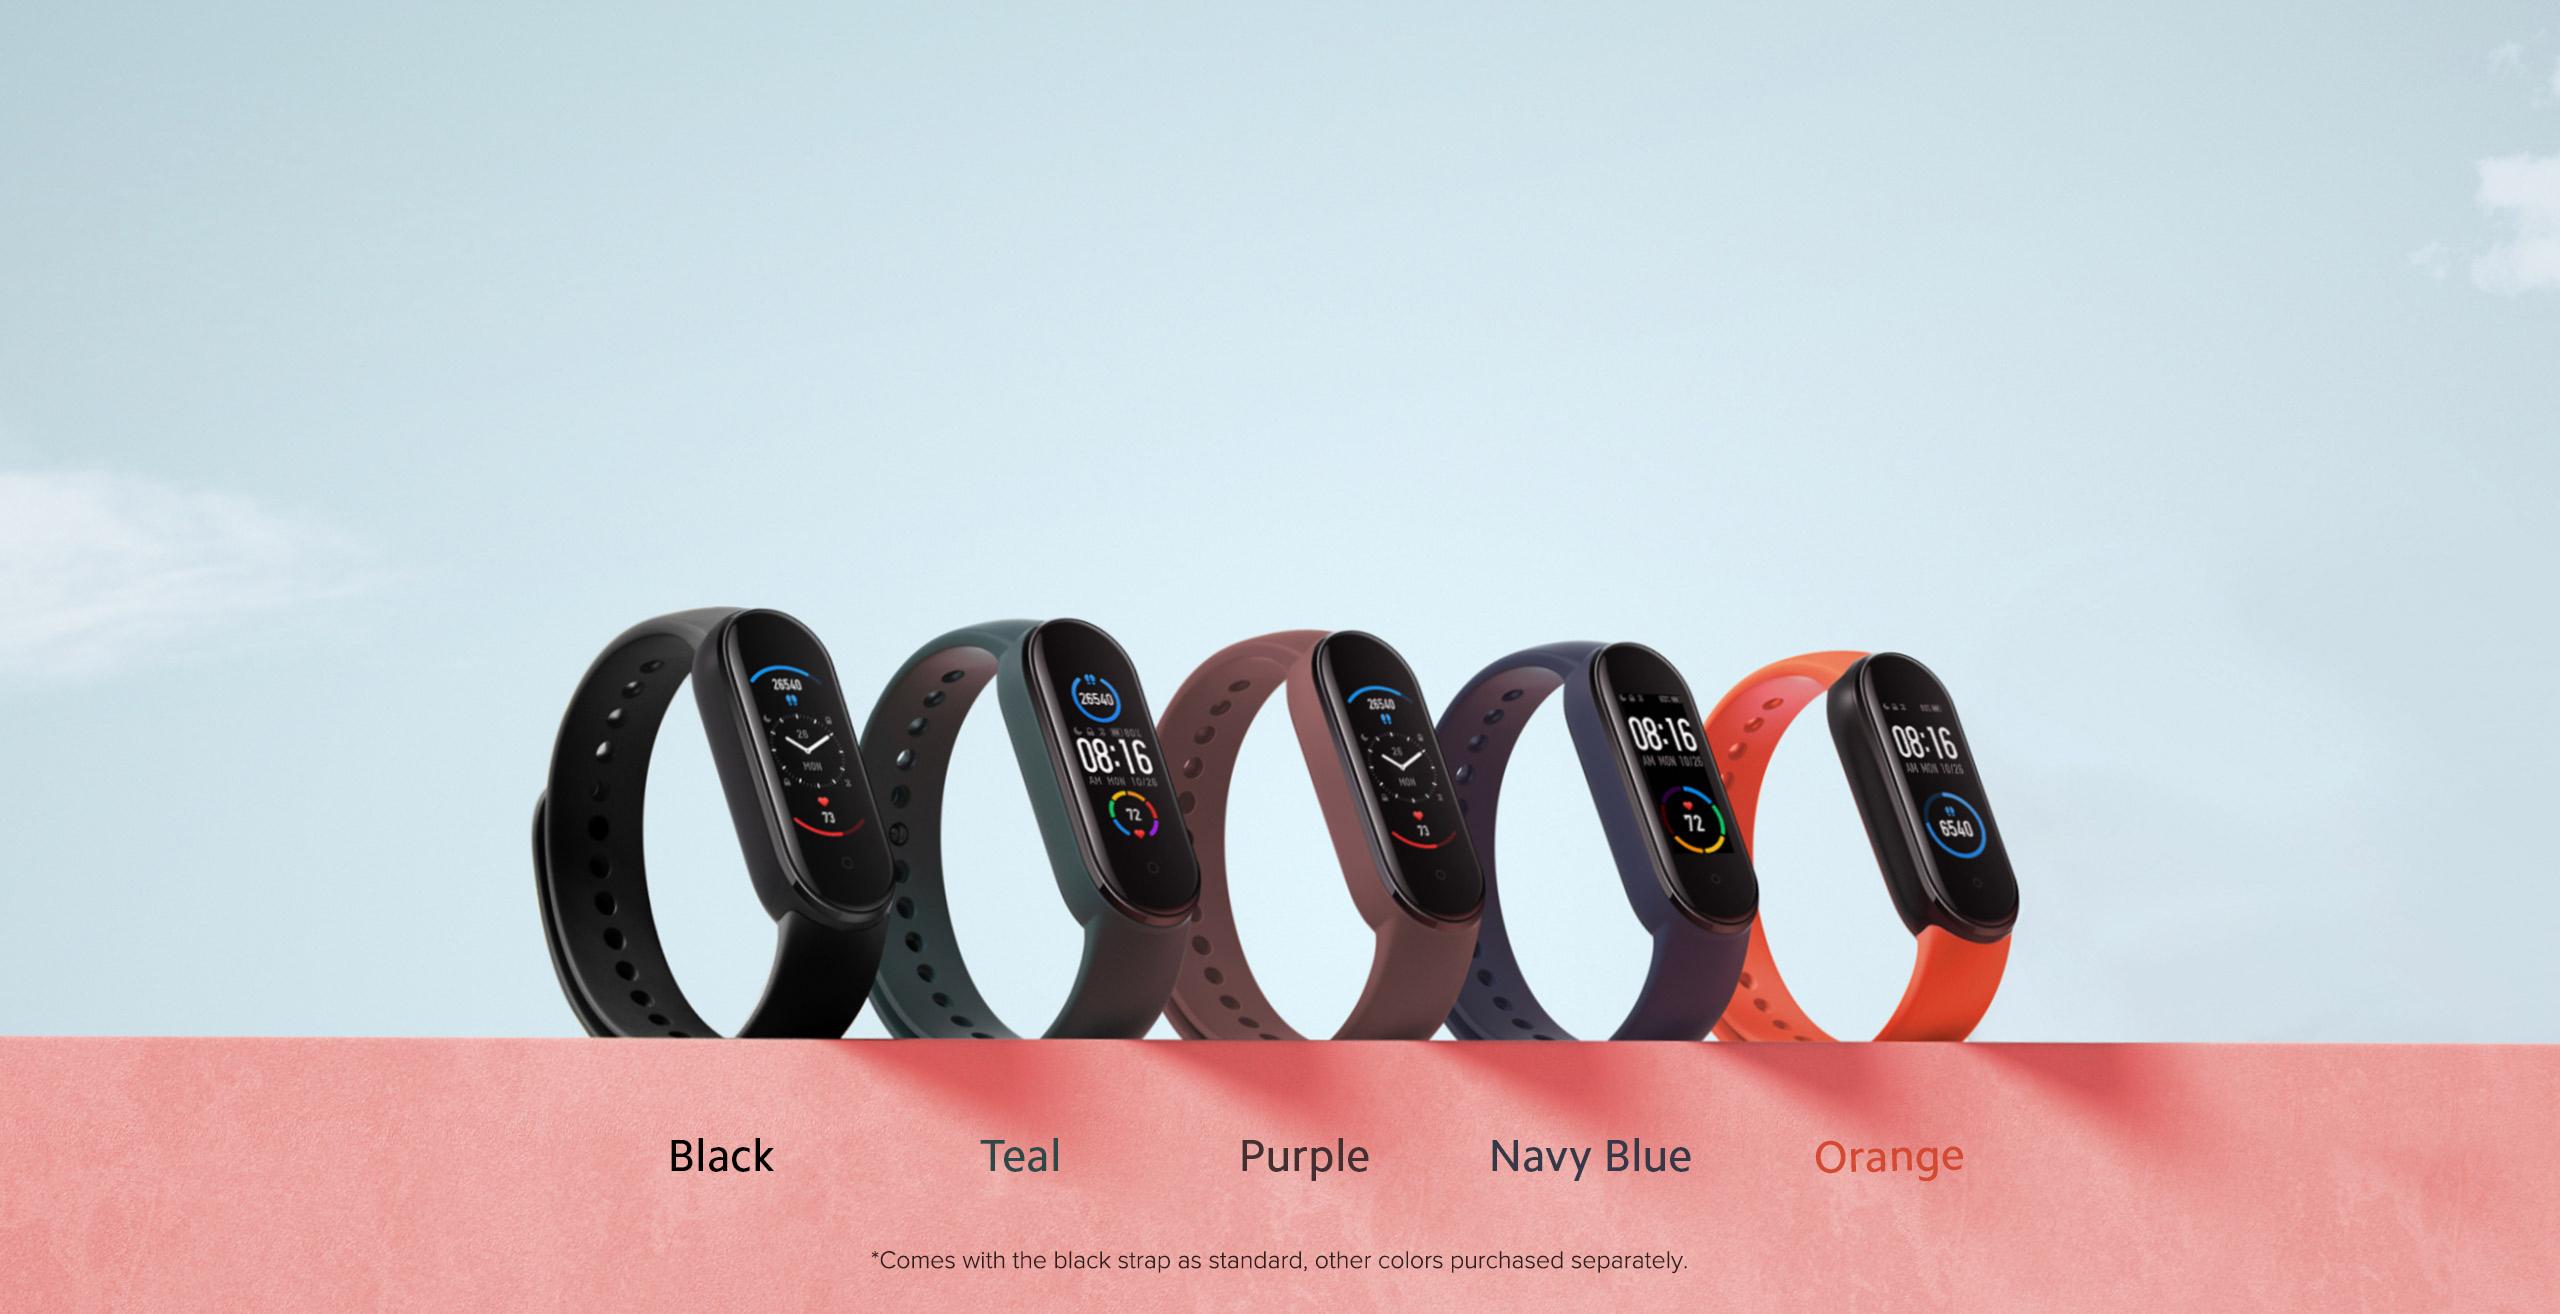 Mi Smart Band 5 price